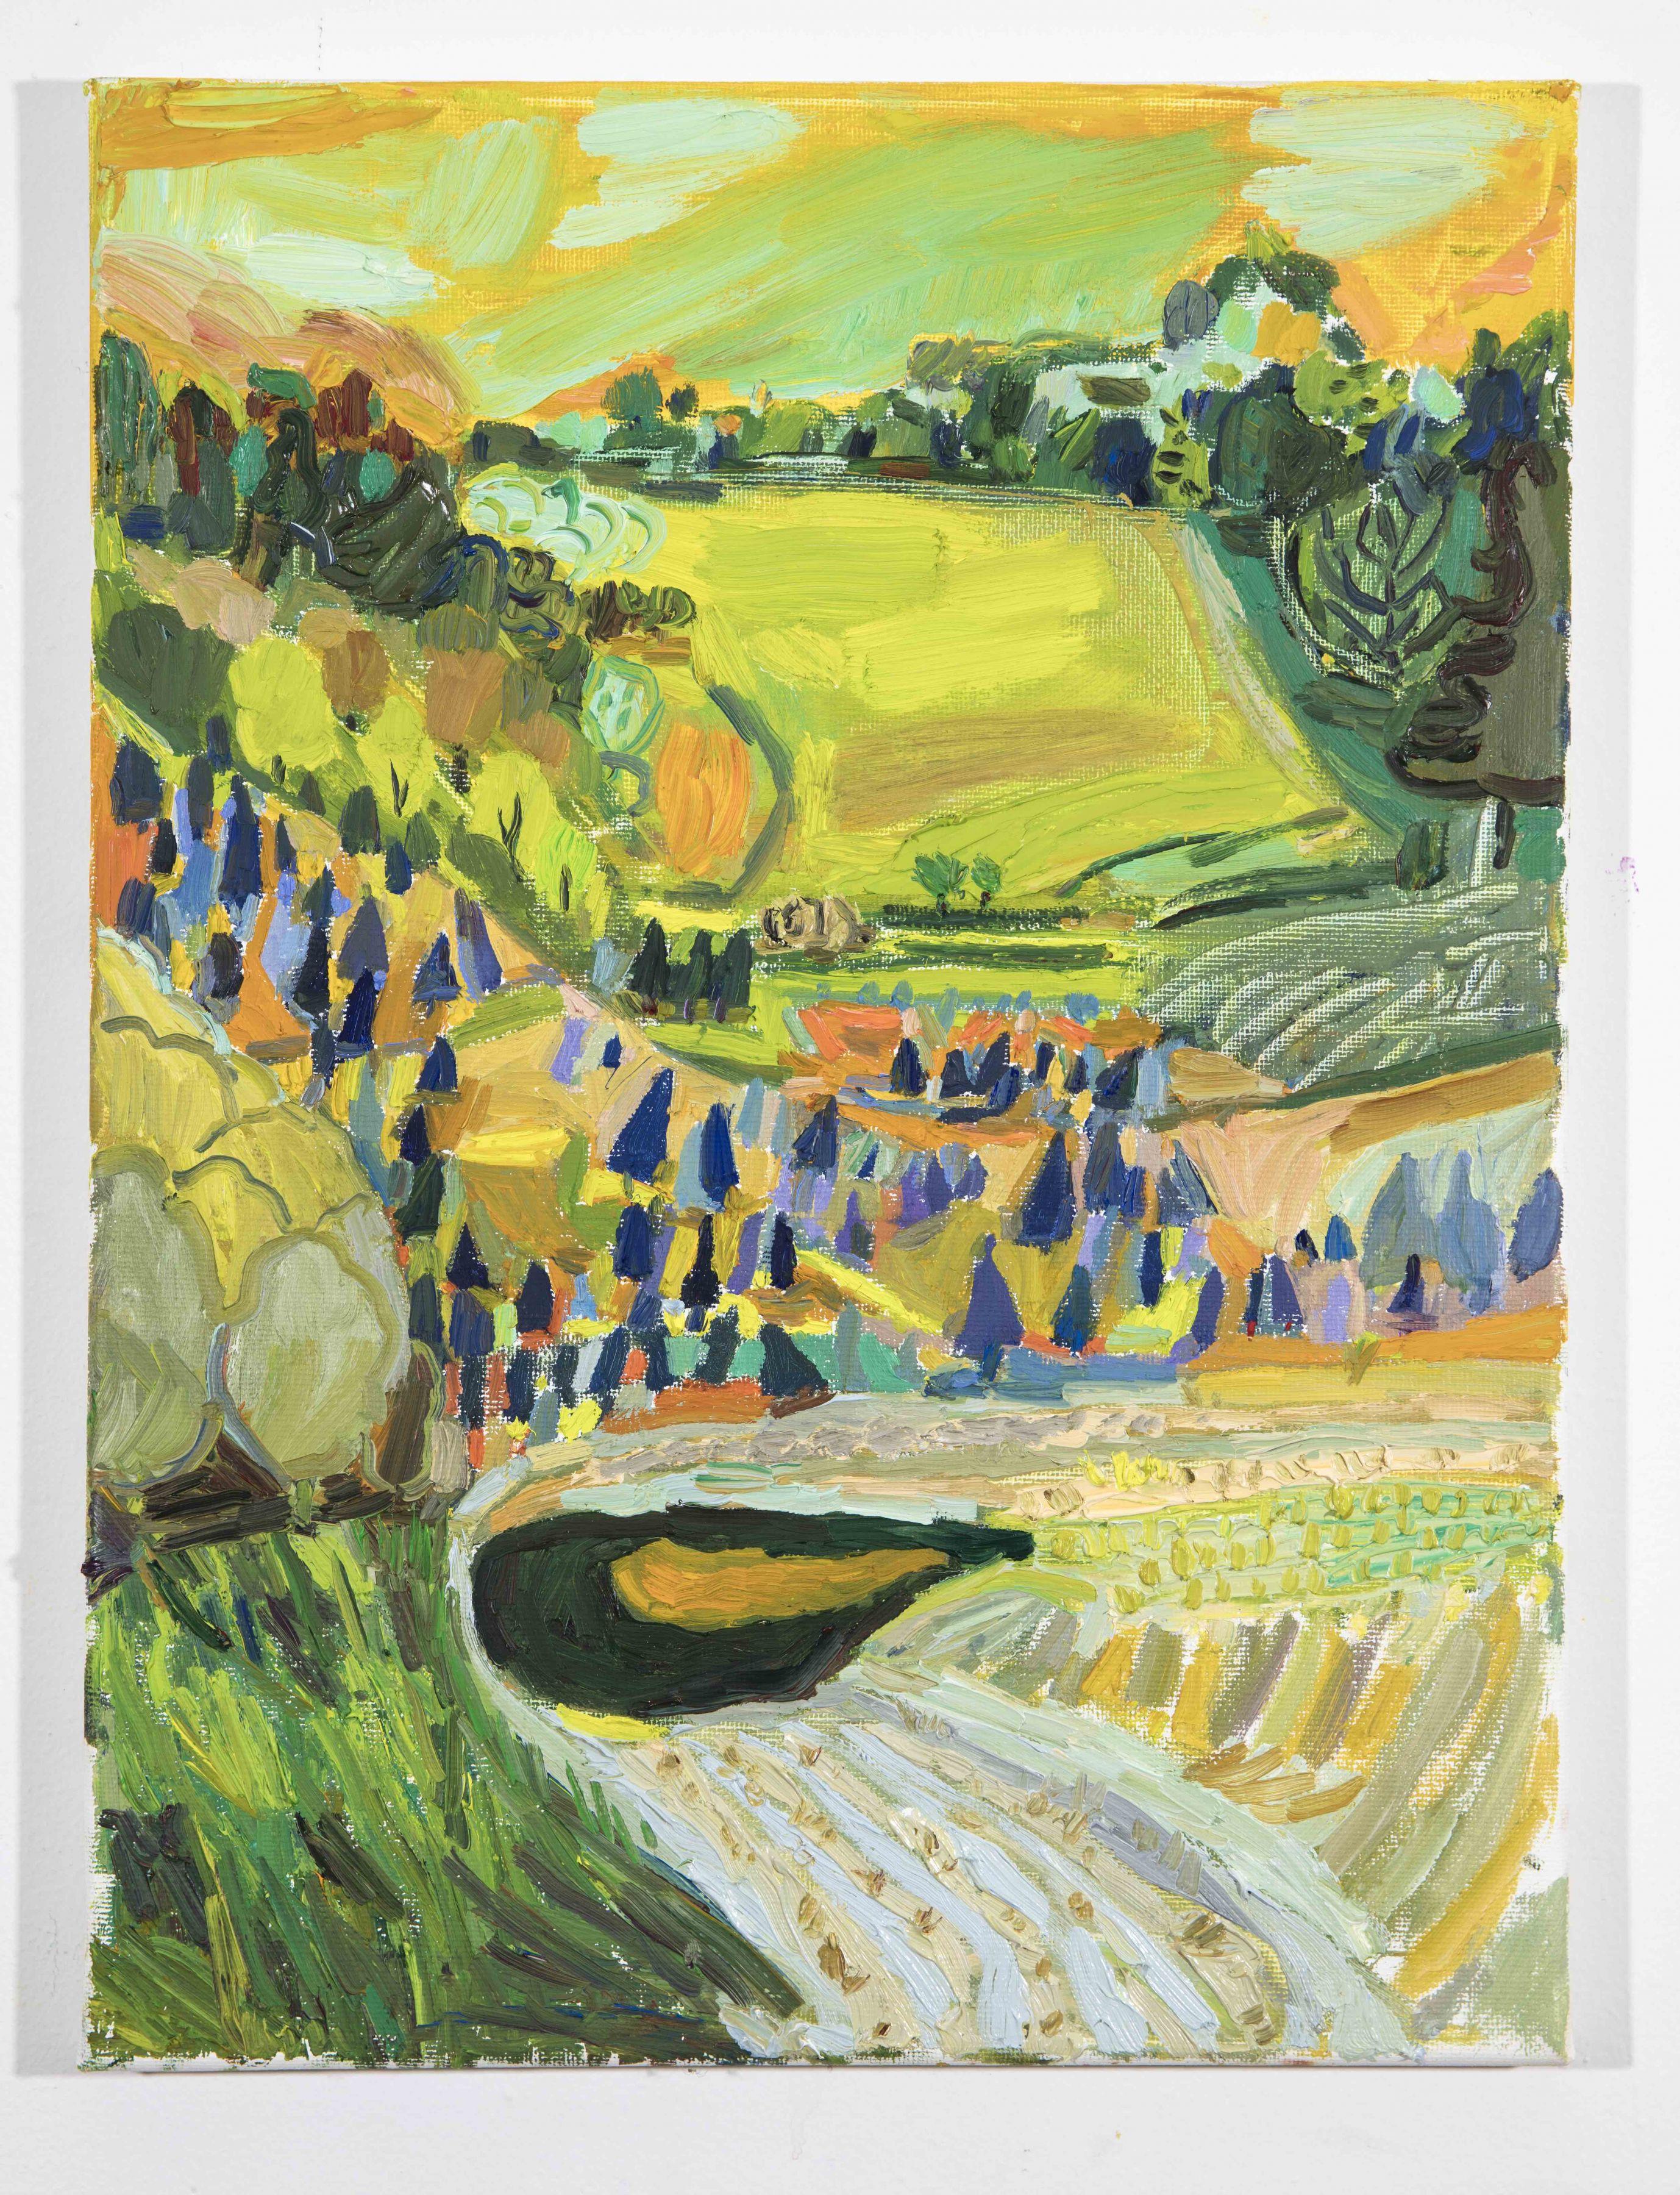 LISA SANDITZ, Landscape Color Study 8, 2019